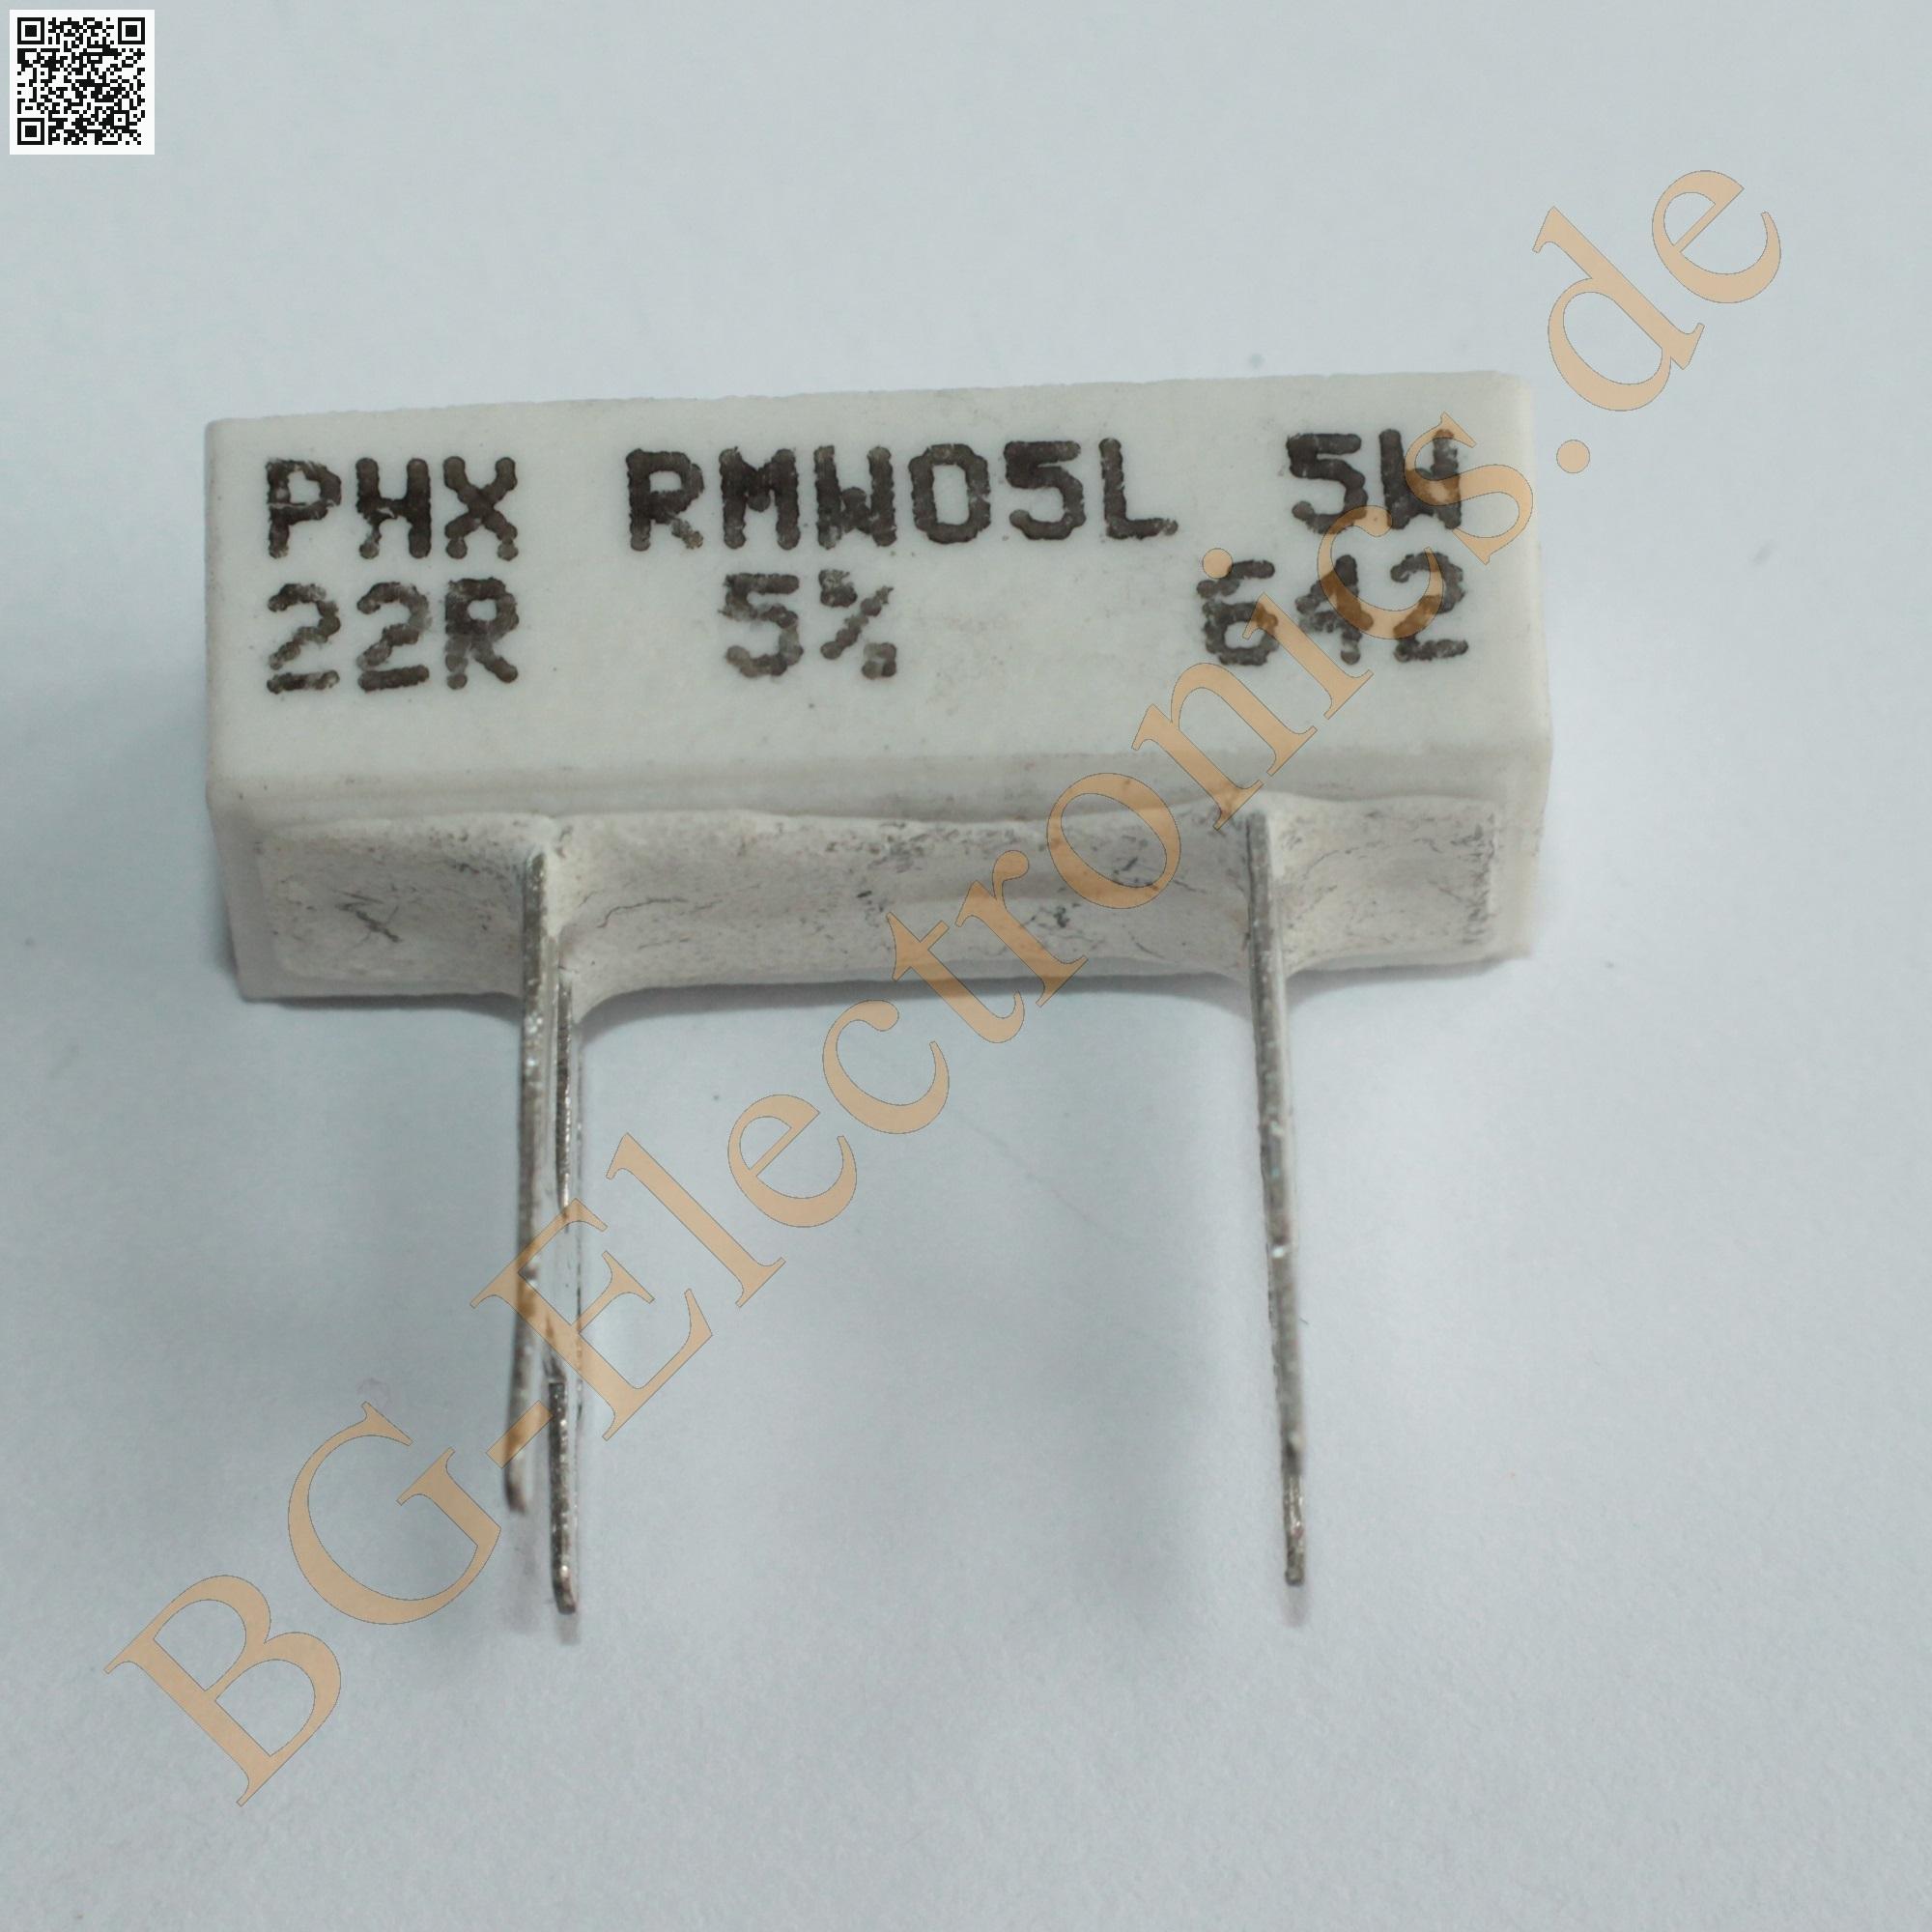 Circuito Com Scr Tic 106 : Tic d bg electronics tic d tic